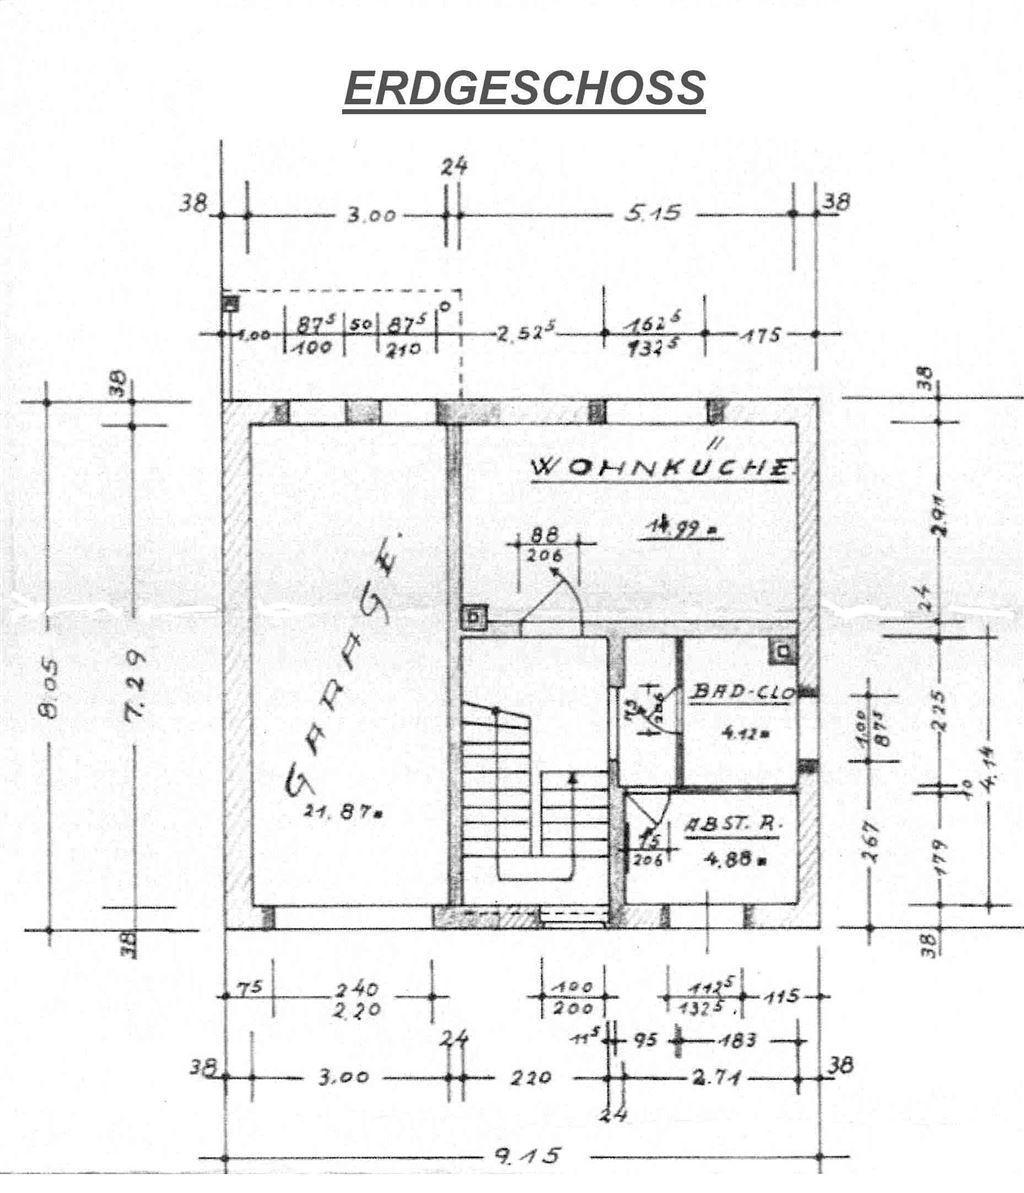 Hinterhaus Erdgeschoss